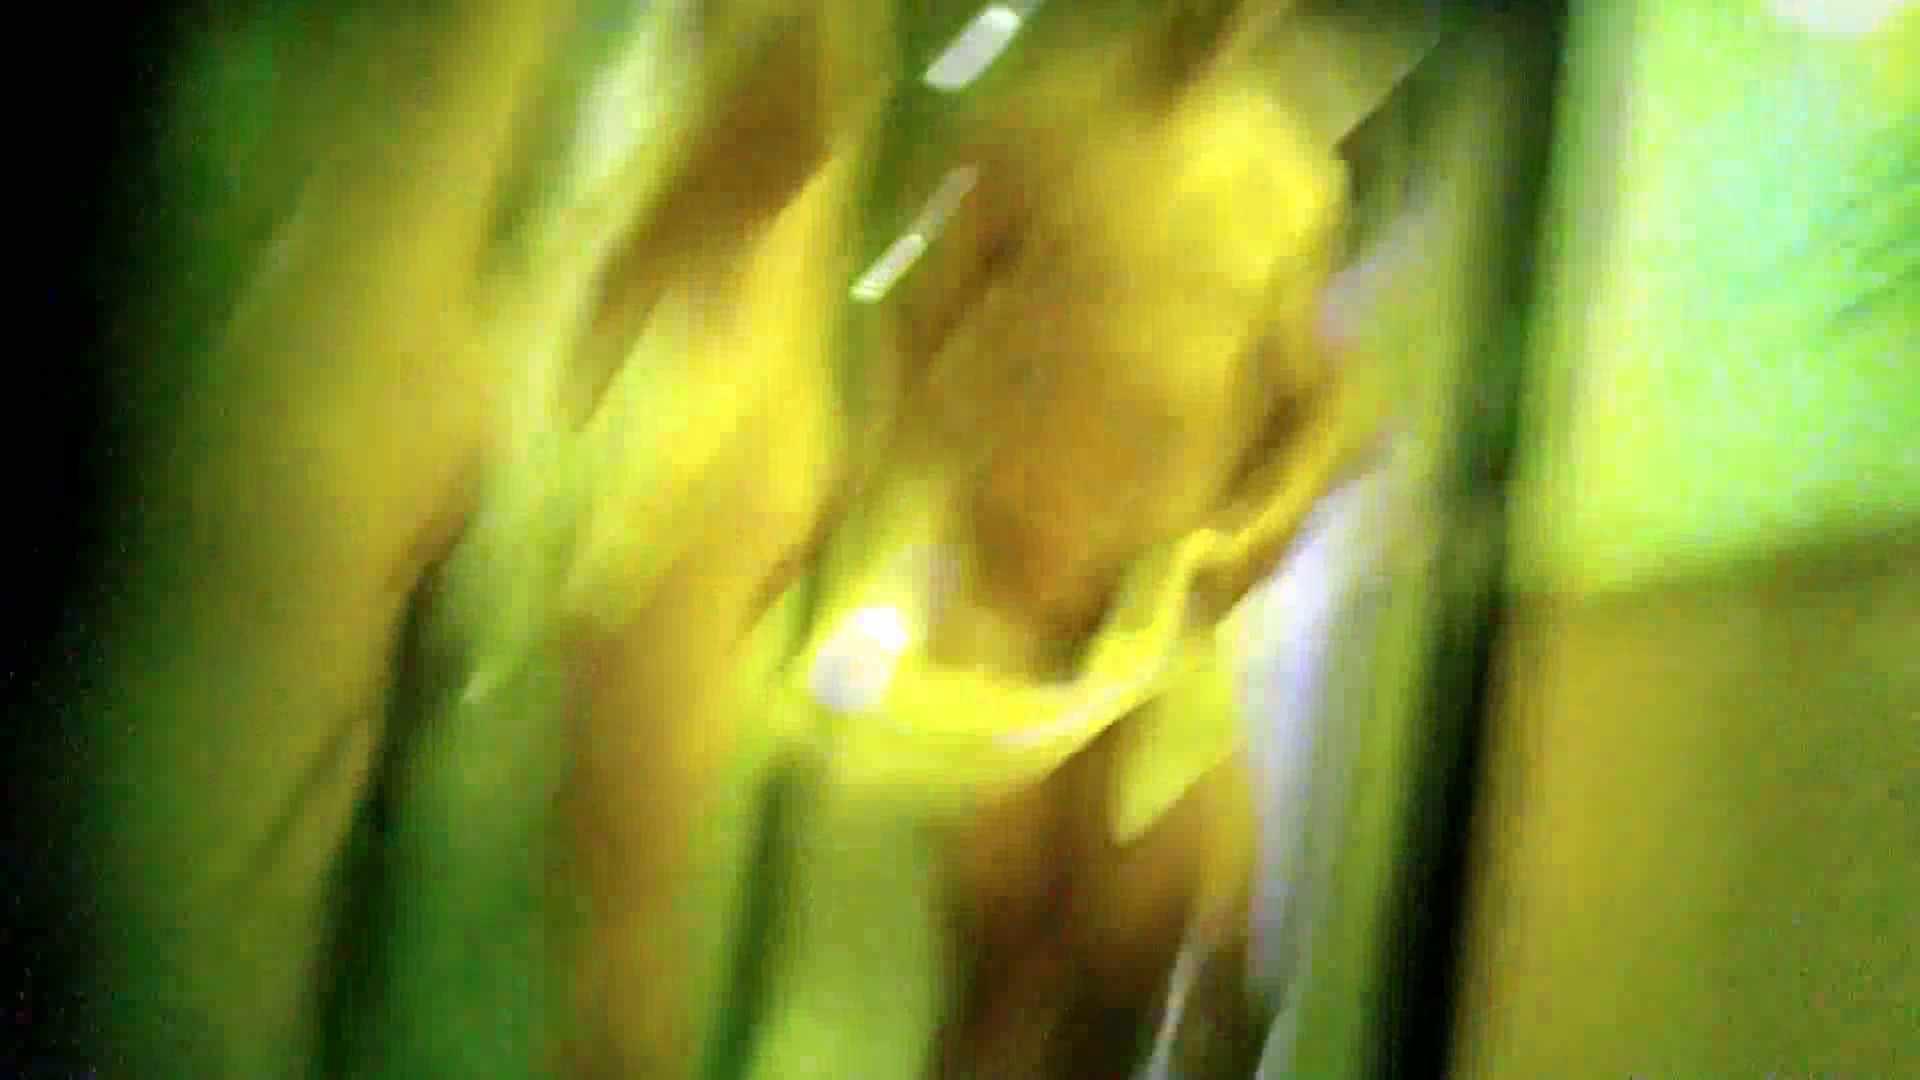 行くぜ!がっつり男風呂!Vol.25 裸  98pic 86